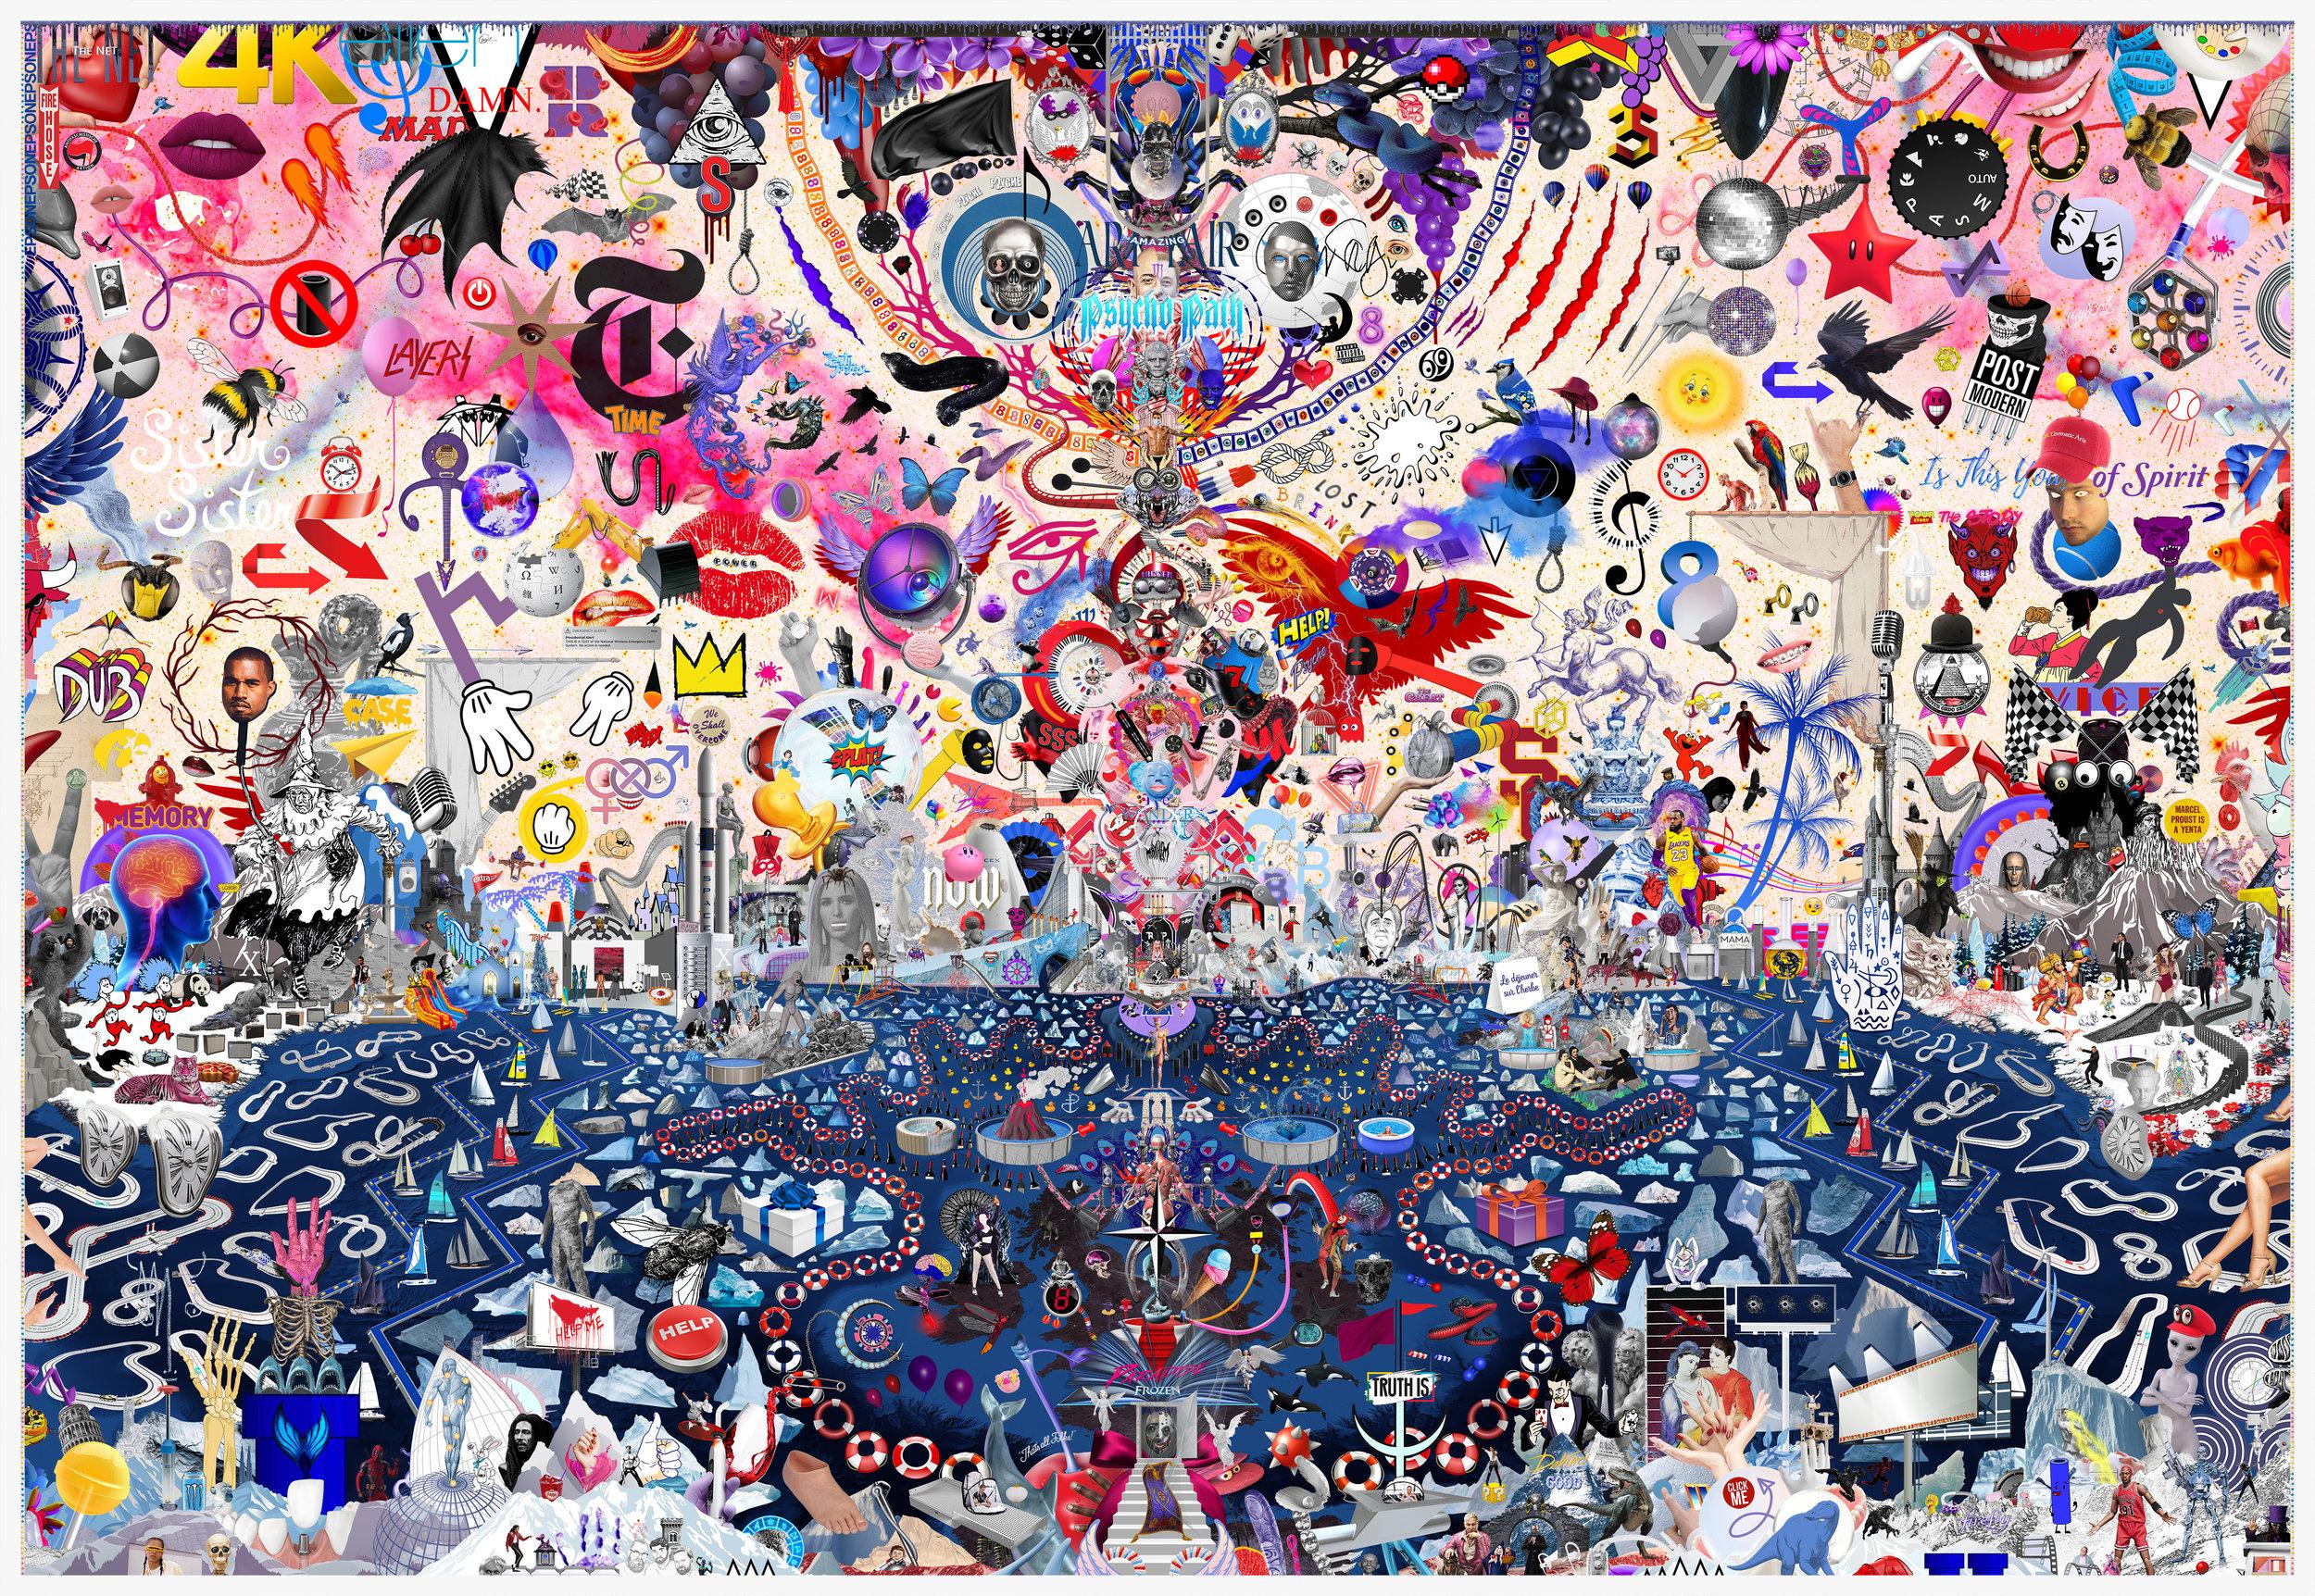 Case Simmons, The Great Landscape Suite (color), Pigment Print, Digital Collage, Digital Art, Photoshop Collage, Contemporary Collage, Photoshop Actions